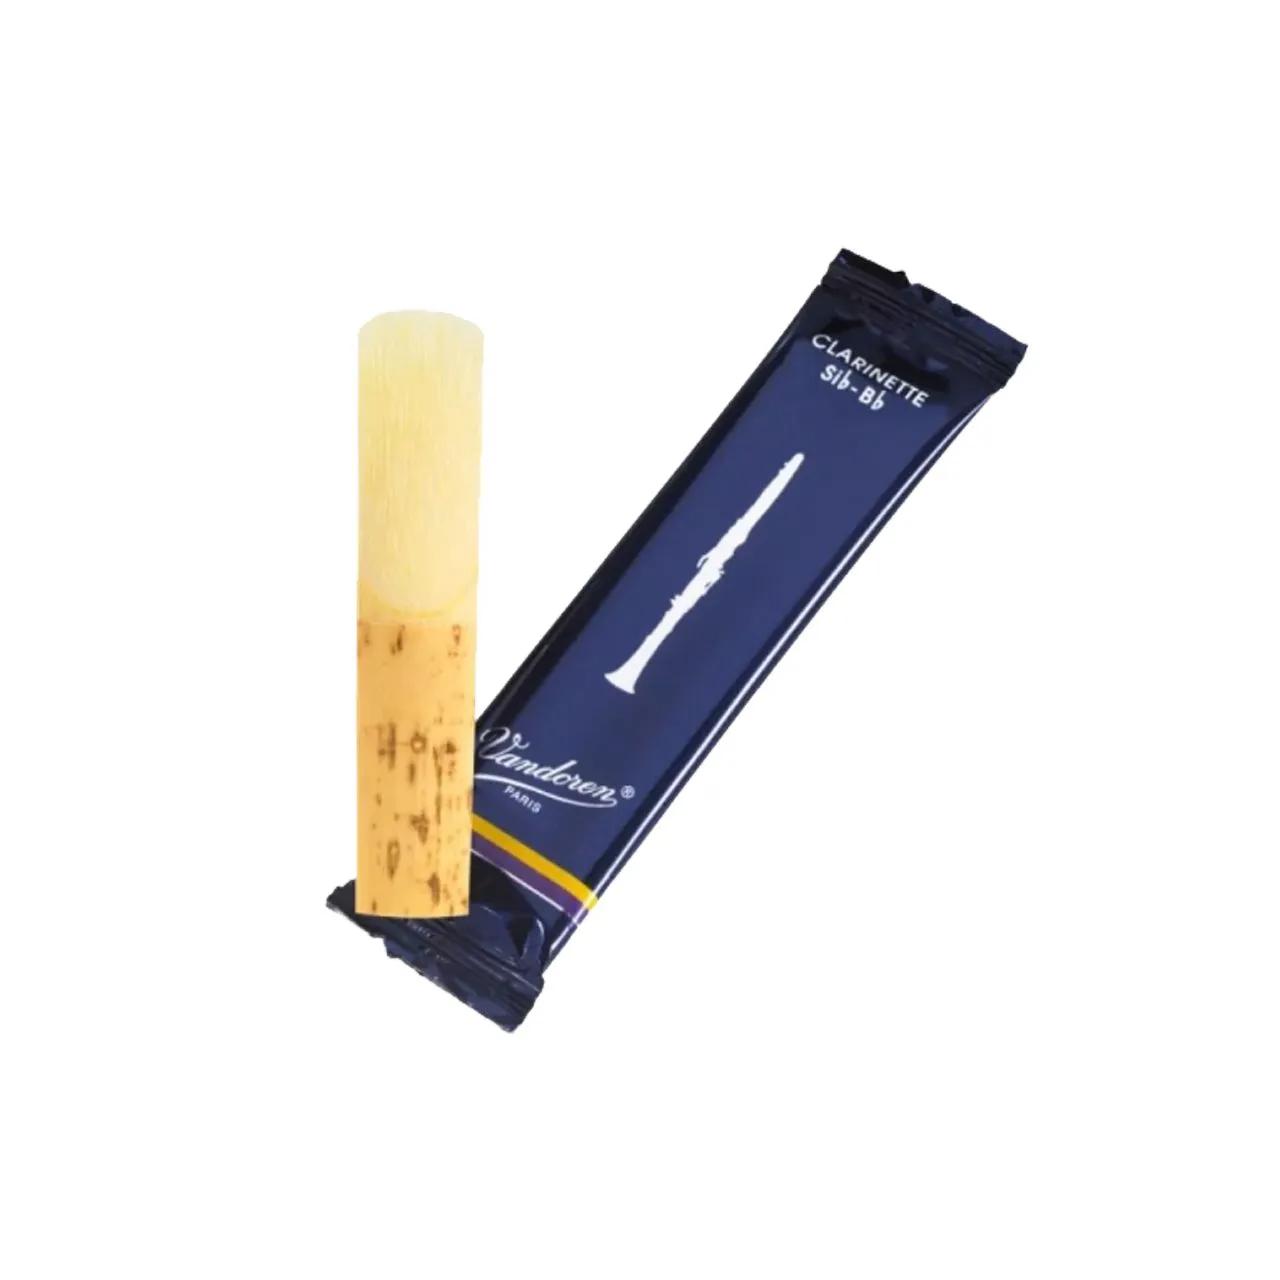 Palheta Tradicional 3,5 P/ Clarinete Mib Cx C/10 Cr1135 Vandoren